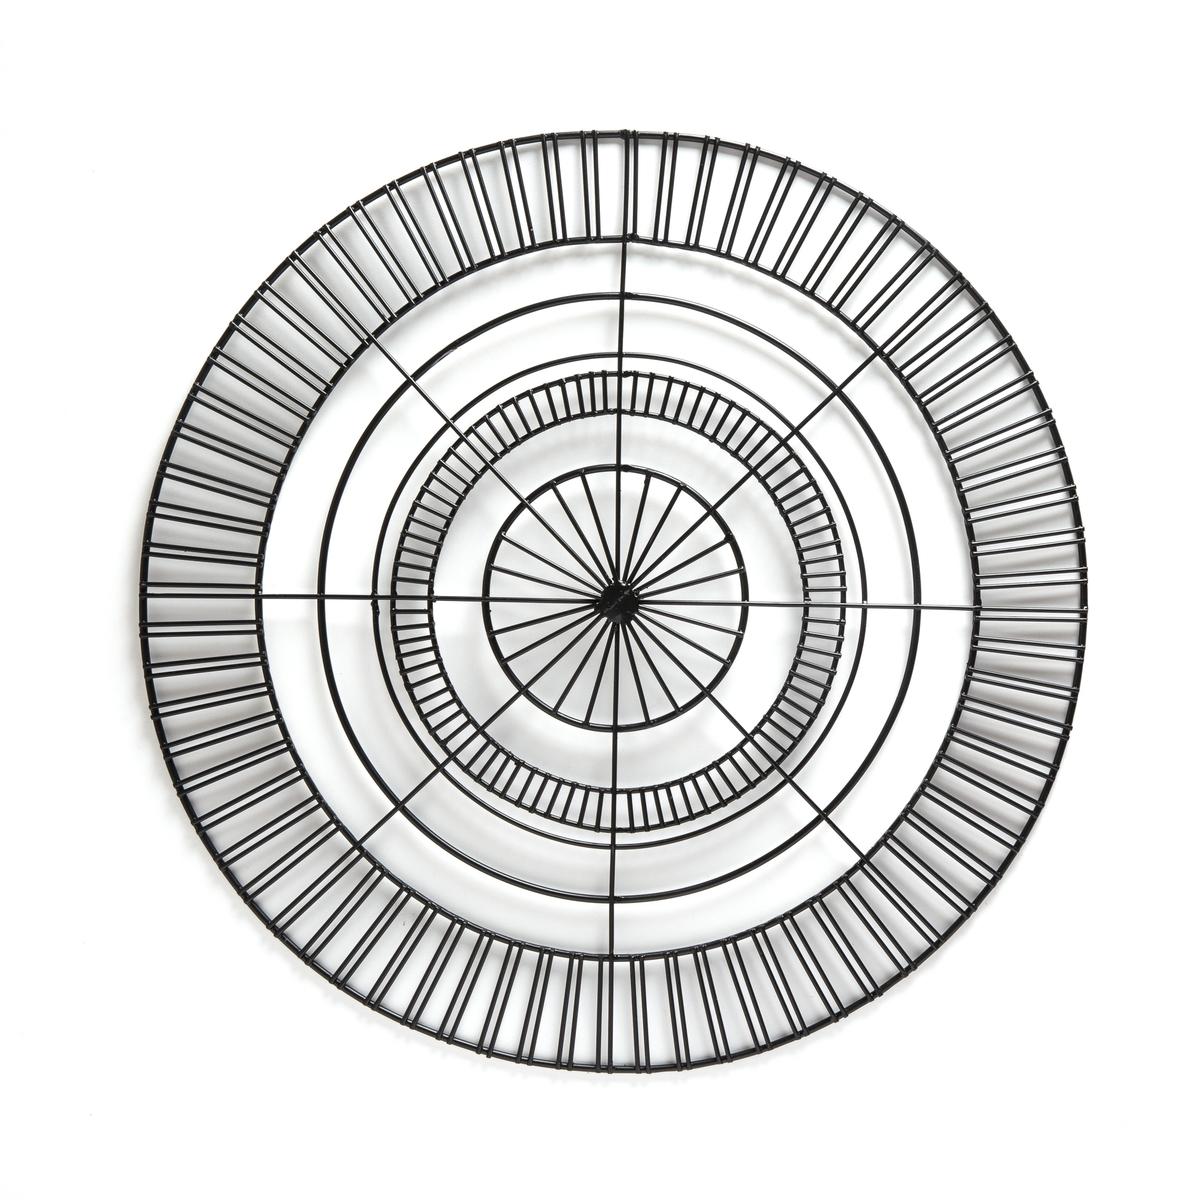 Декор La Redoute Настенный из проволоки CERDA единый размер черный металлическая la redoute тумба hypnos единый размер черный